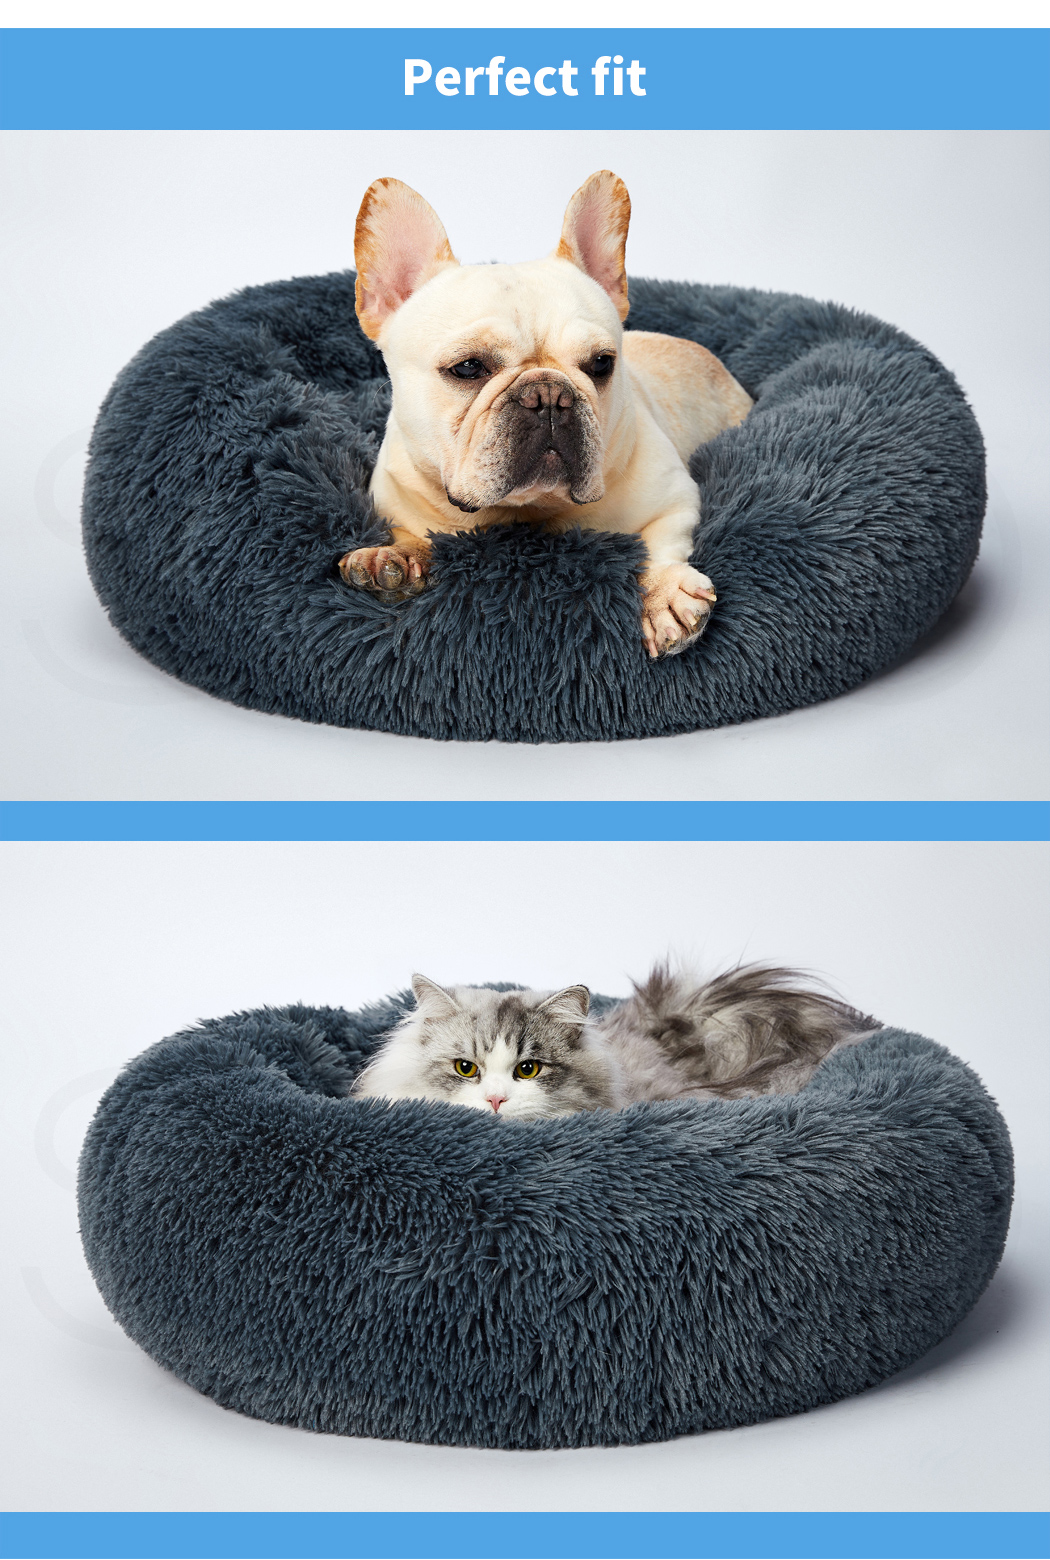 thumbnail 162 - PaWz Pet Bed Cat Dog Donut Nest Calming Mat Soft Plush Kennel Cave Deep Sleeping